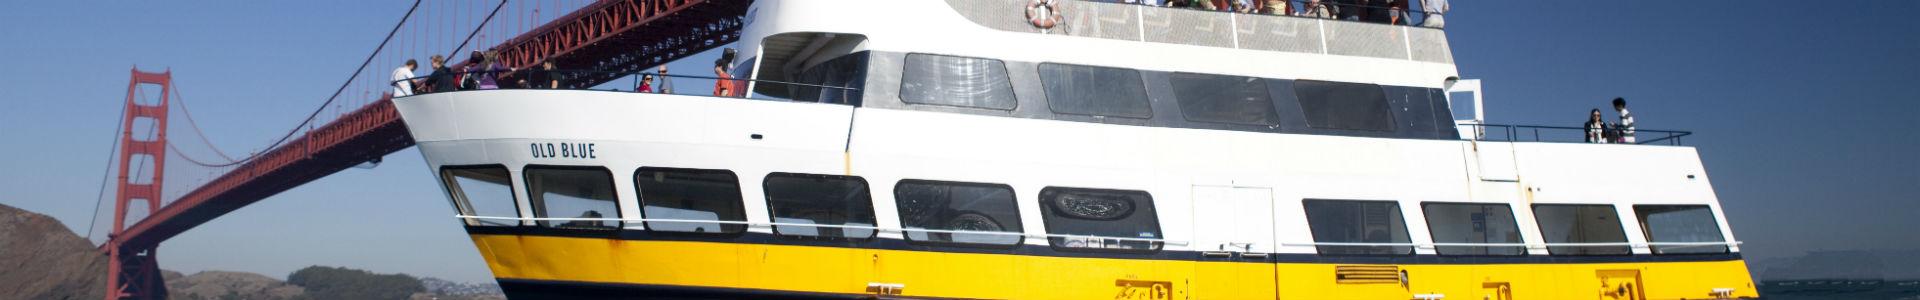 Bay-Cruise-300